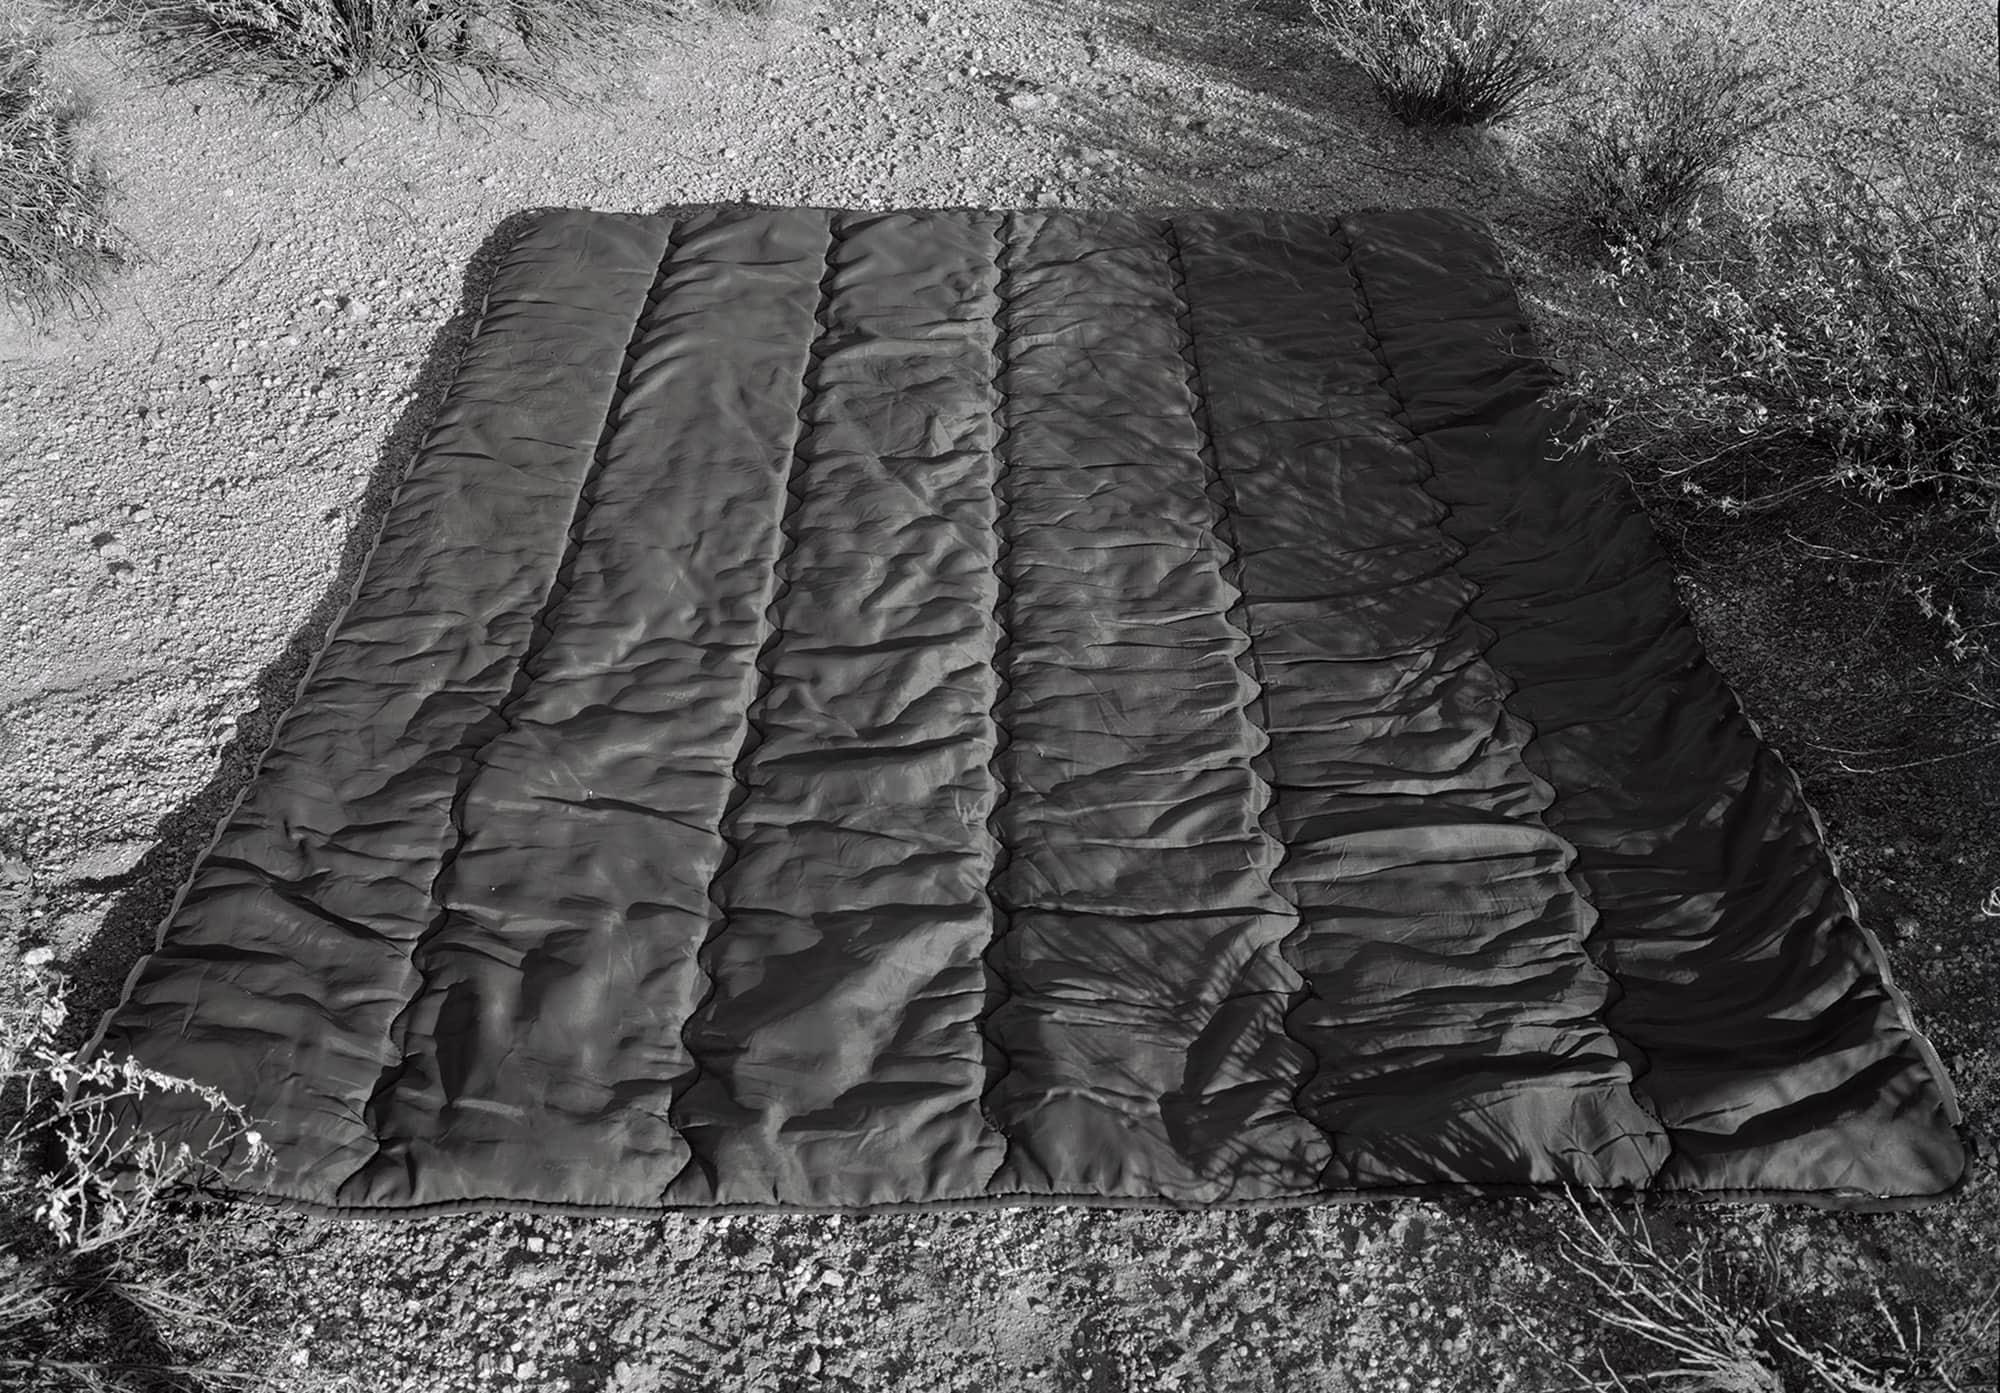 Sleeping Bag, Arizona, USA, 1975